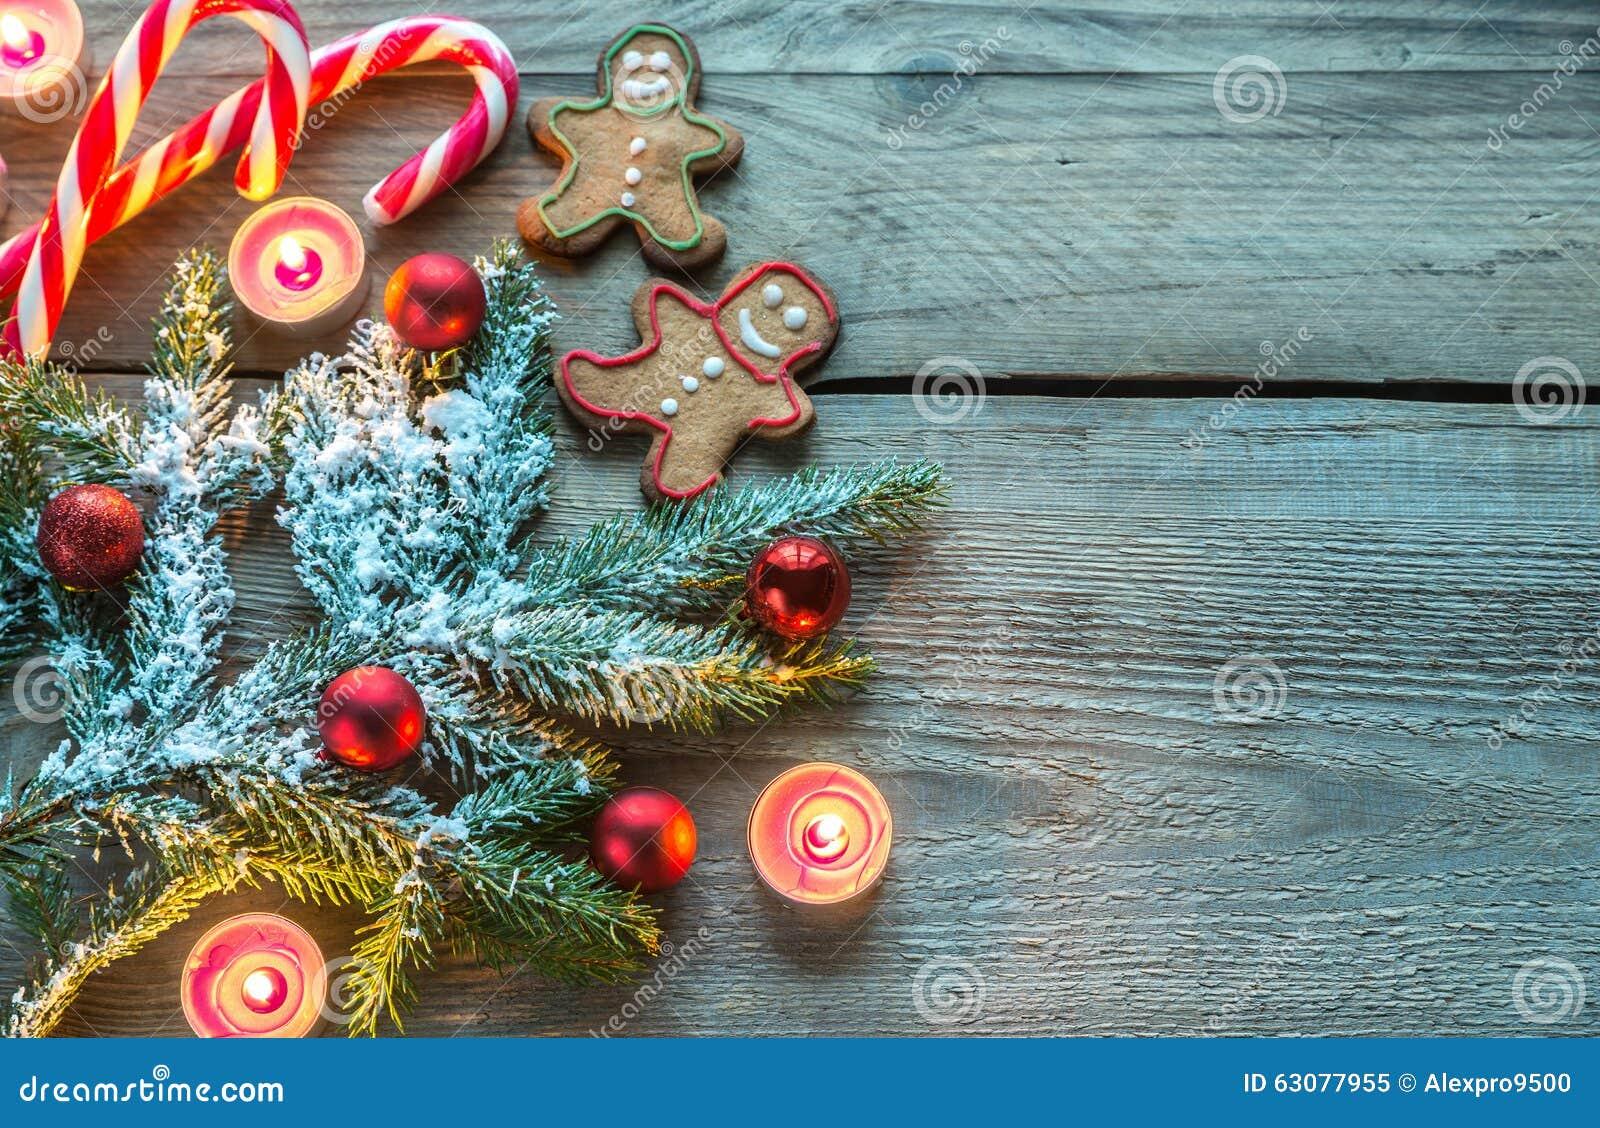 Download Branche D'arbre Décorée De Noël Avec Des Biscuits Et Des Sucreries Image stock - Image du agencement, cèdre: 63077955